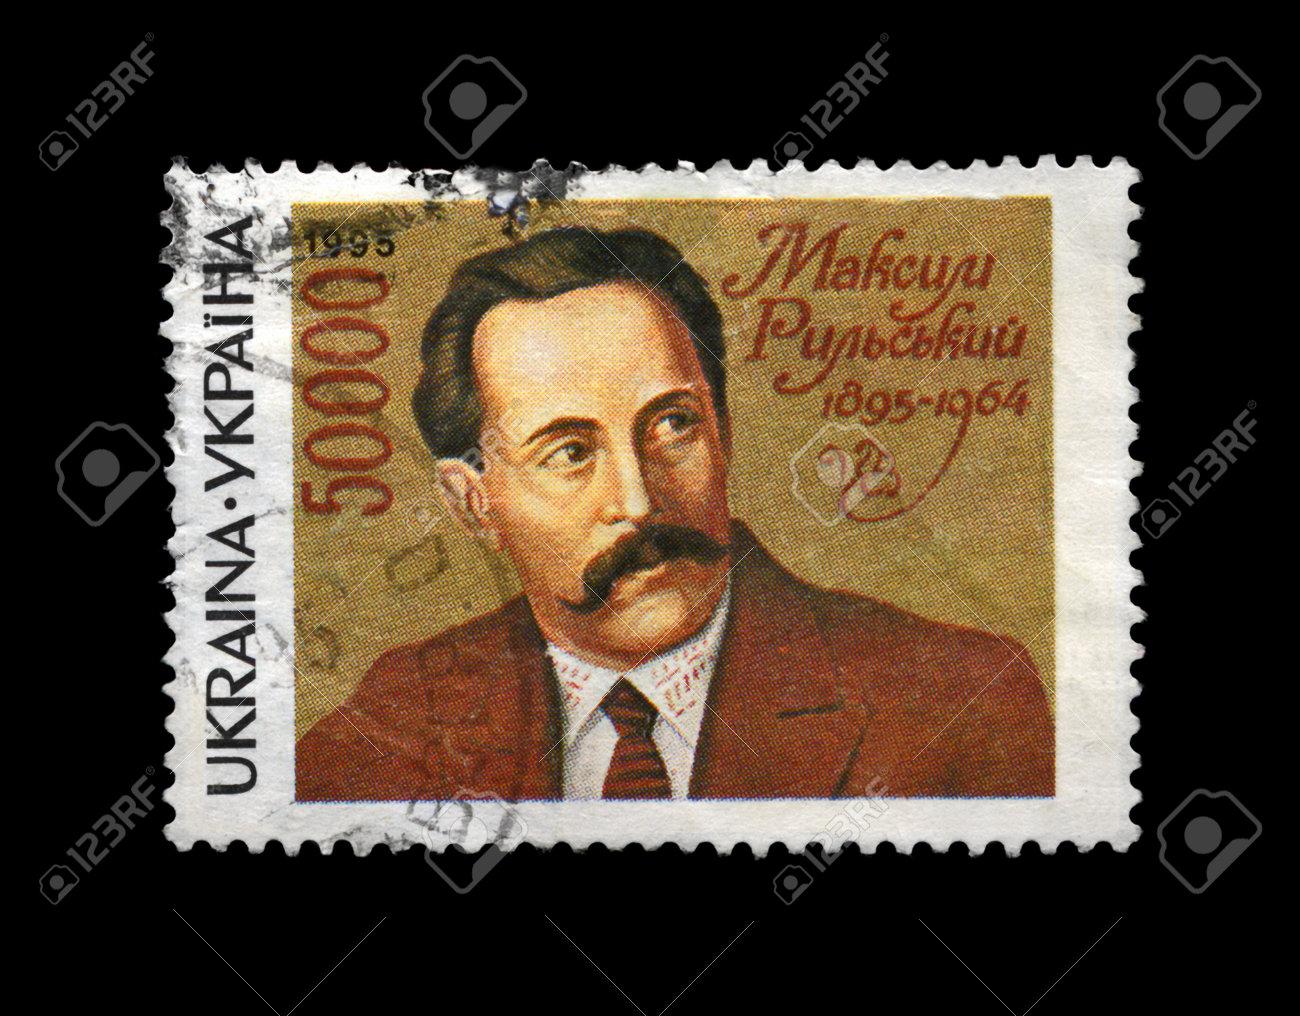 UCRANIA - alrededor de 1995: Sello impreso cancelado en Ucrania, muestra famoso poeta ucraniano, escritor Maksym Rylskyi (1895-1964), alrededor del año 1995. sello postal del vintage aislados en fondo negro. Foto de archivo - 18369164